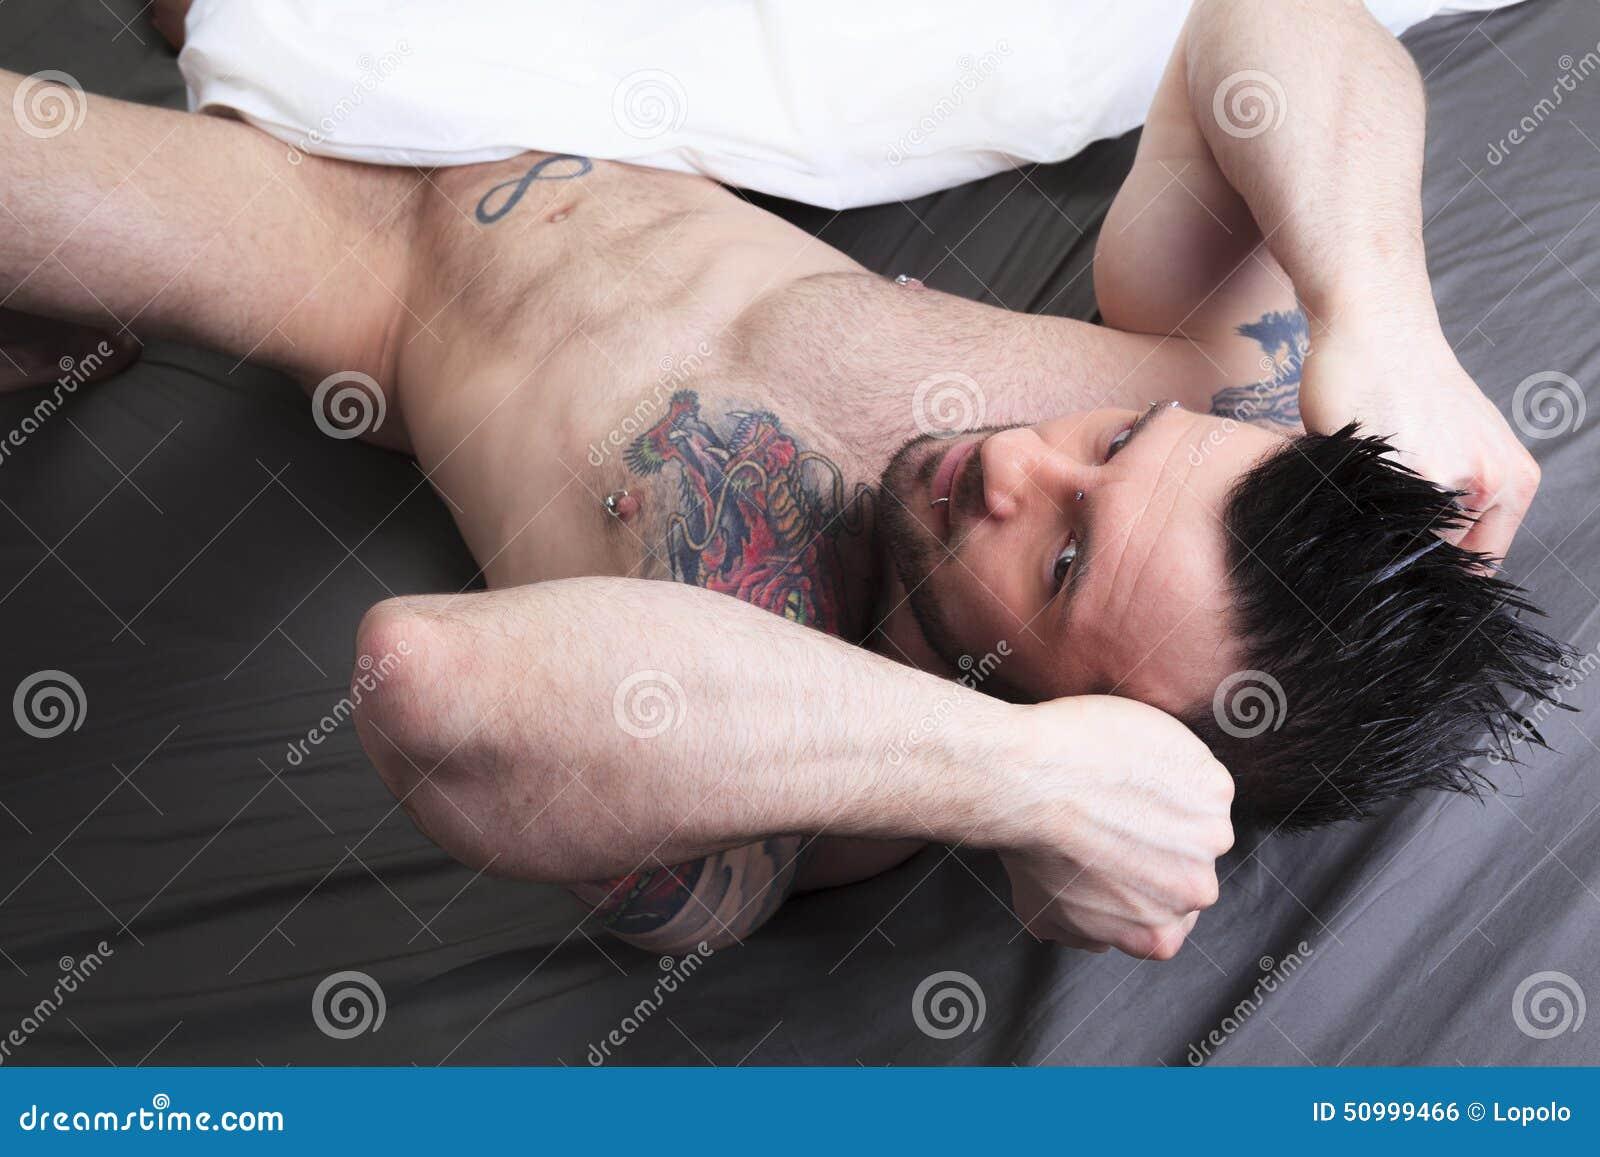 Hombre porno libre derecho